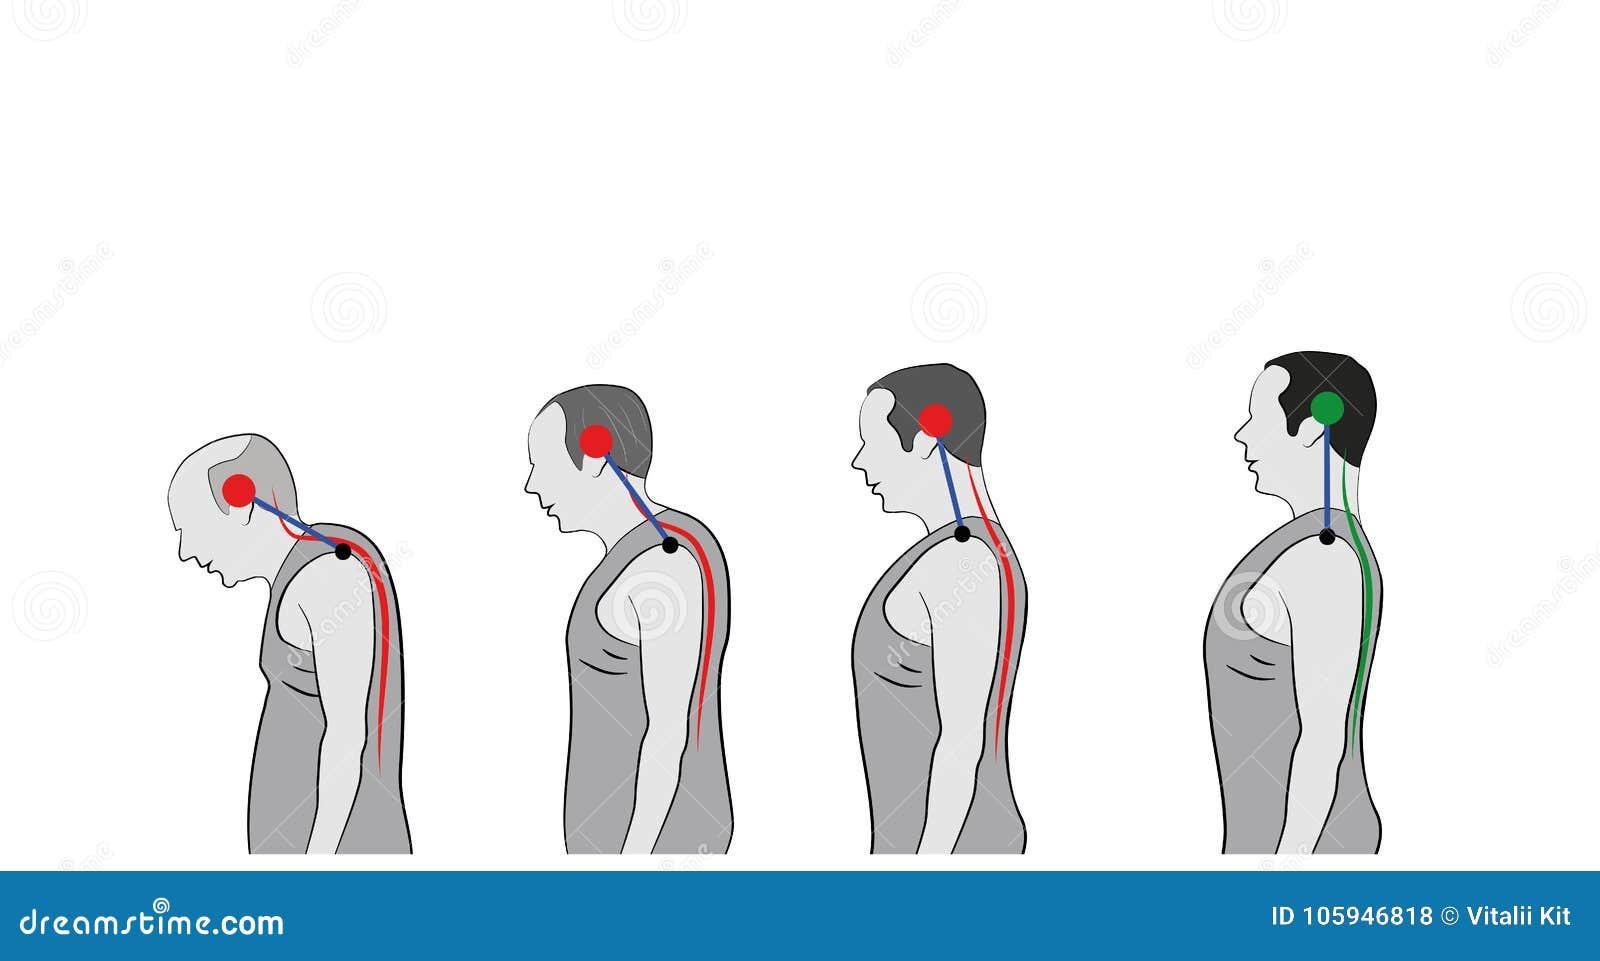 Desarrollo de una postura inclinada con edad, mostrando la curvatura cada vez mayor de la espina dorsal